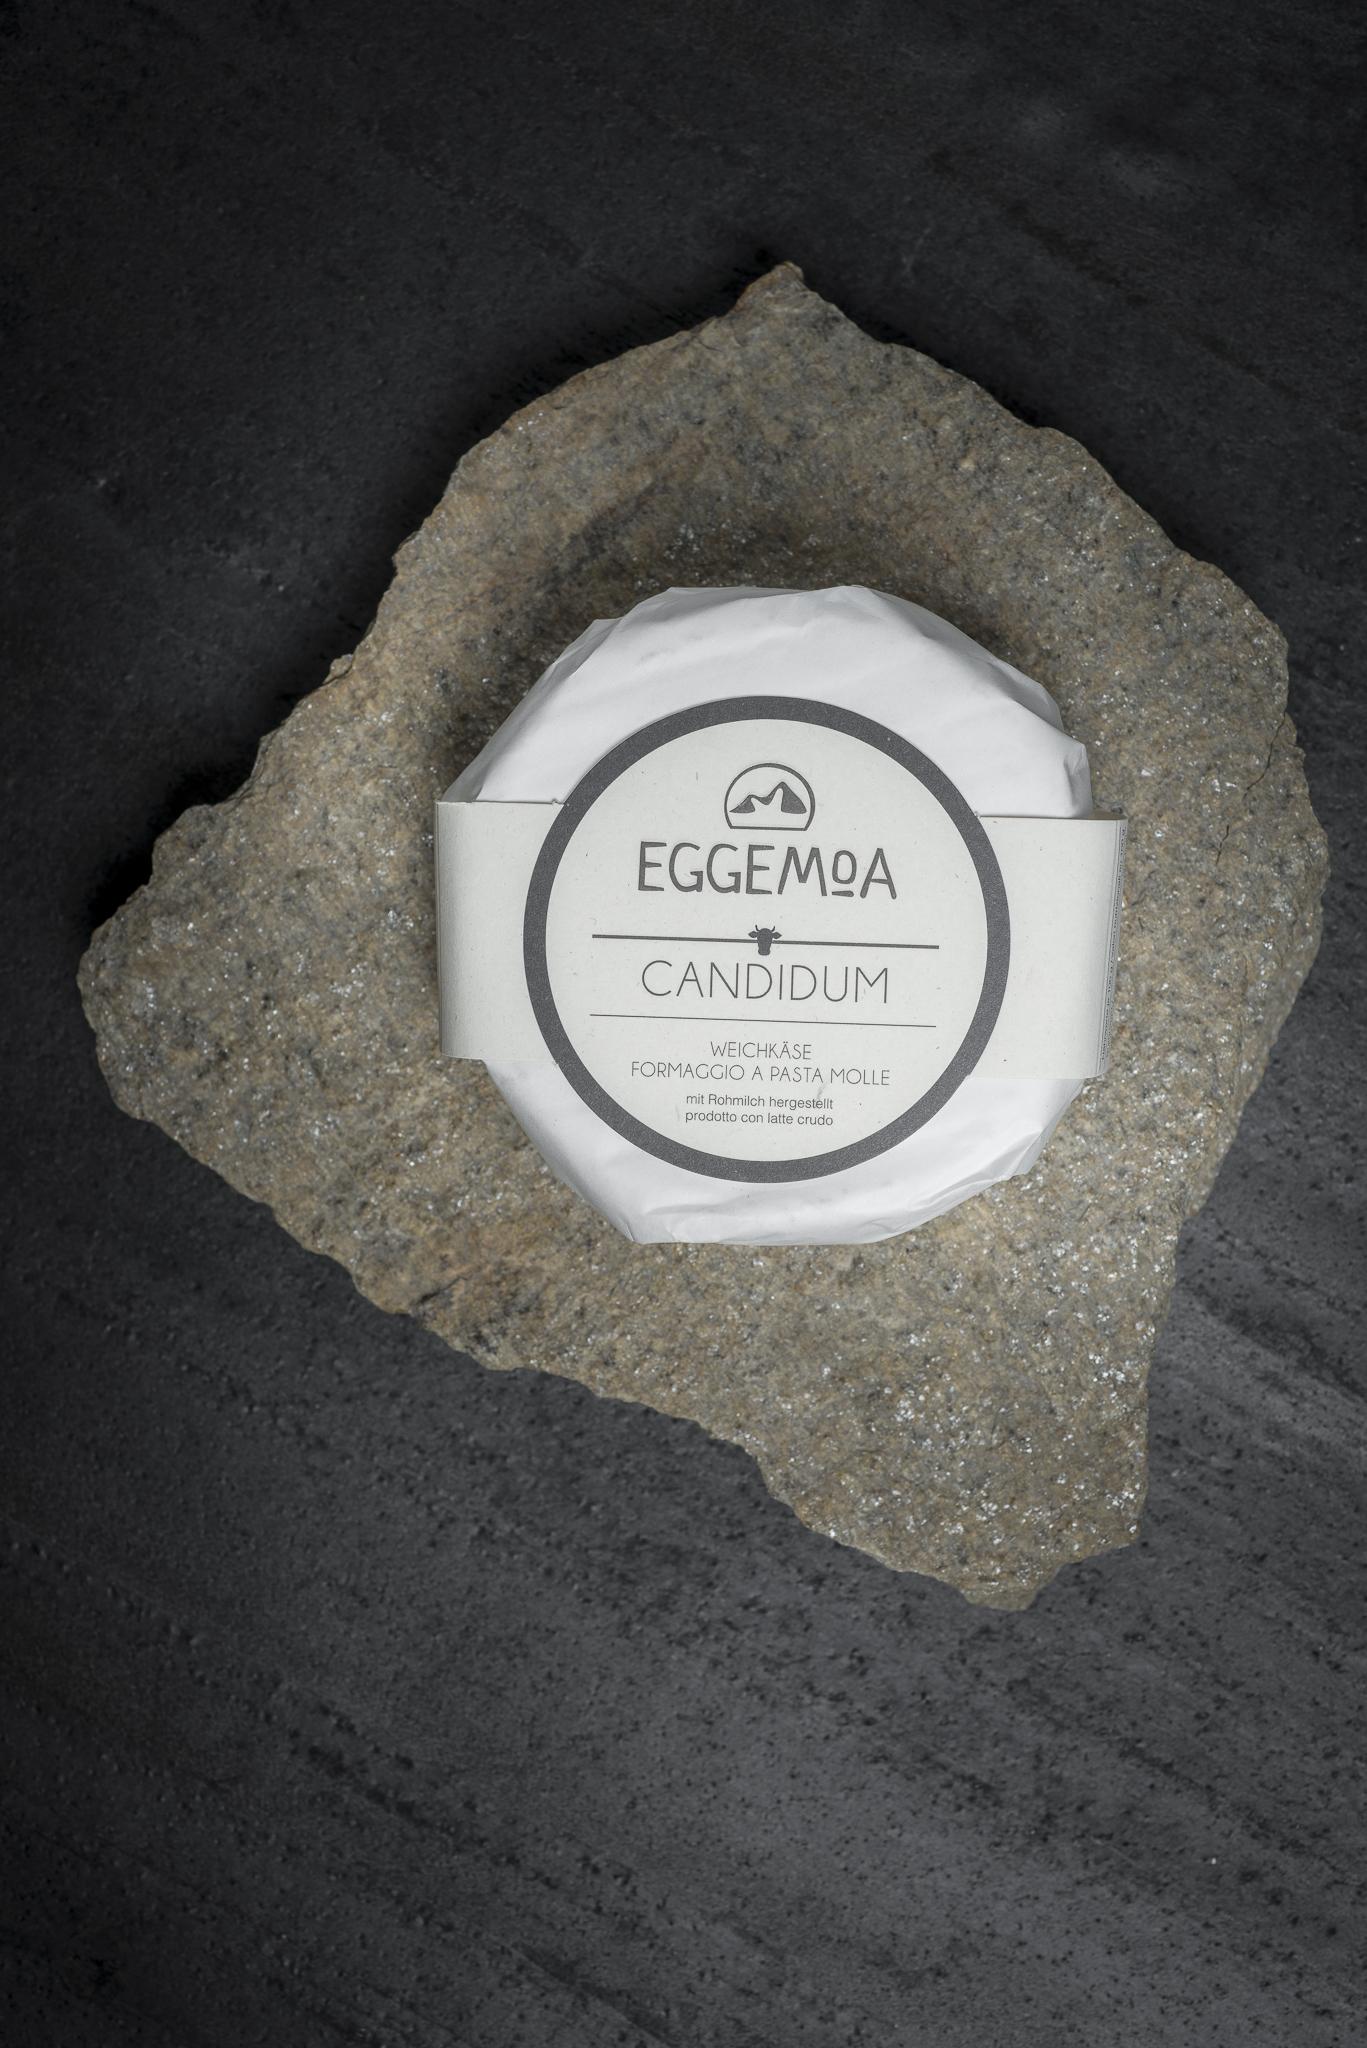 Eggemoa Käse-708.jpg